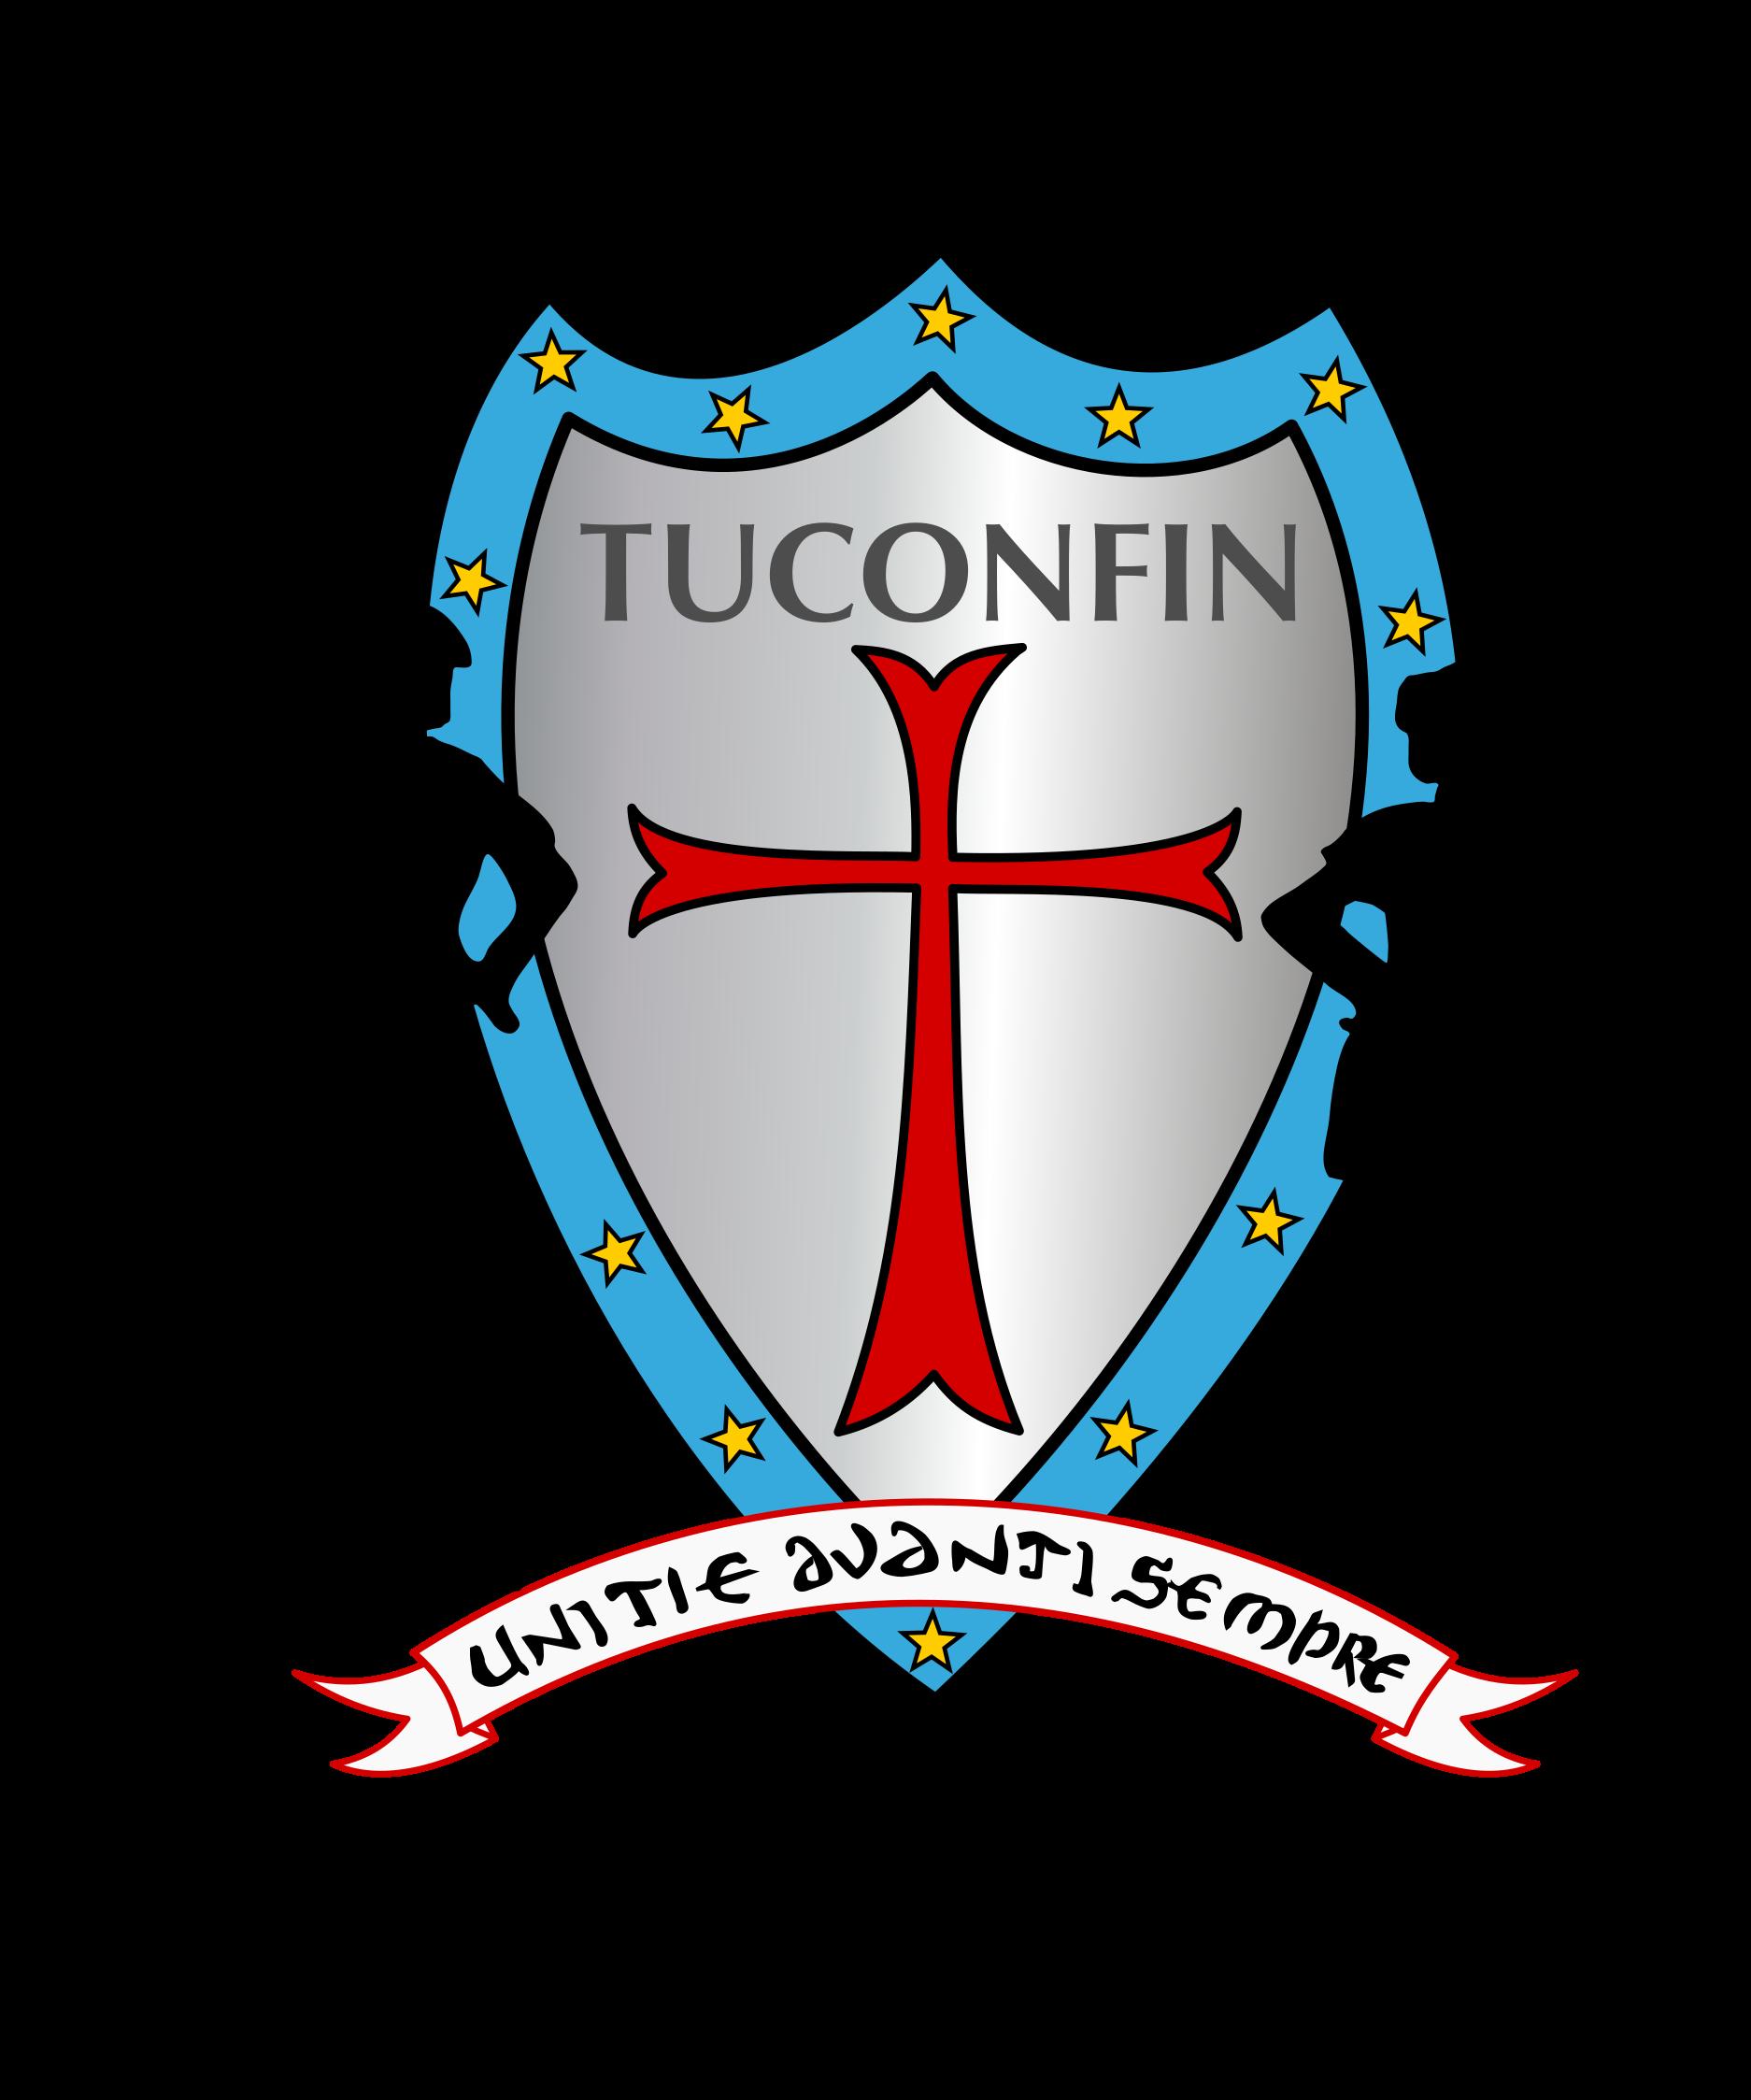 Tuconfin